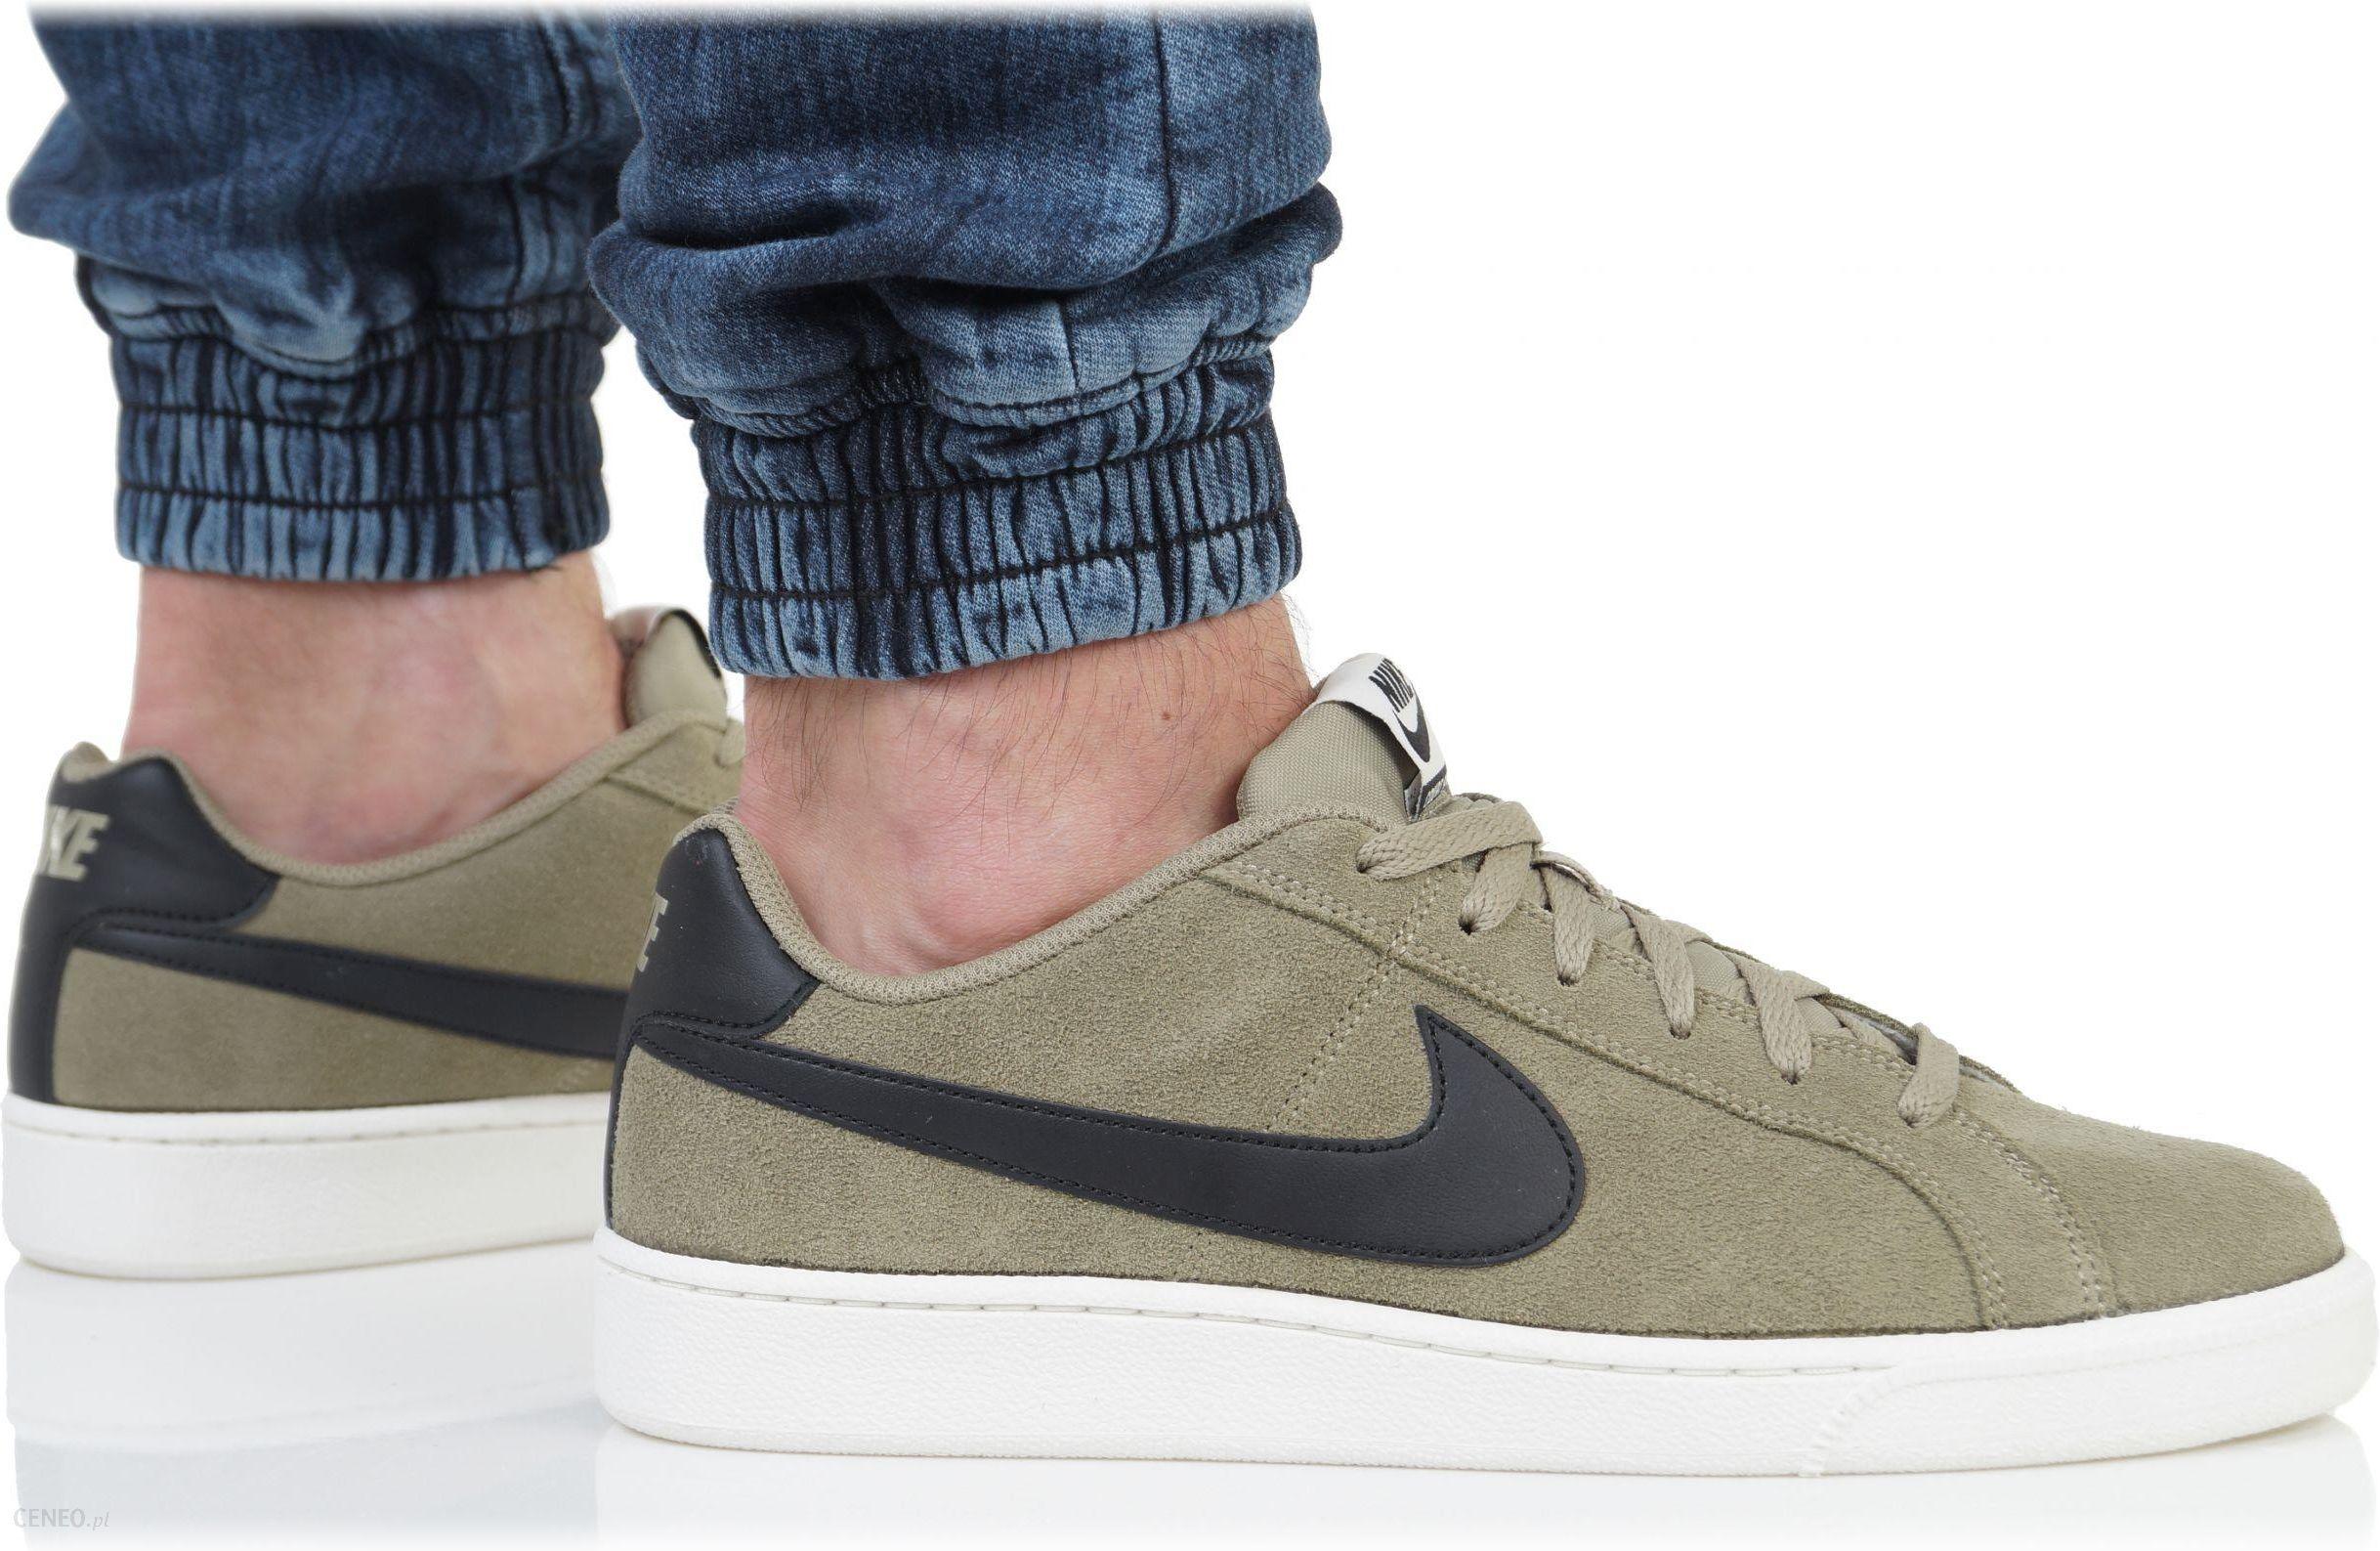 536c24d9a33c Buty Nike Męskie Court Royale Suede 819802-200 - Ceny i opinie ...